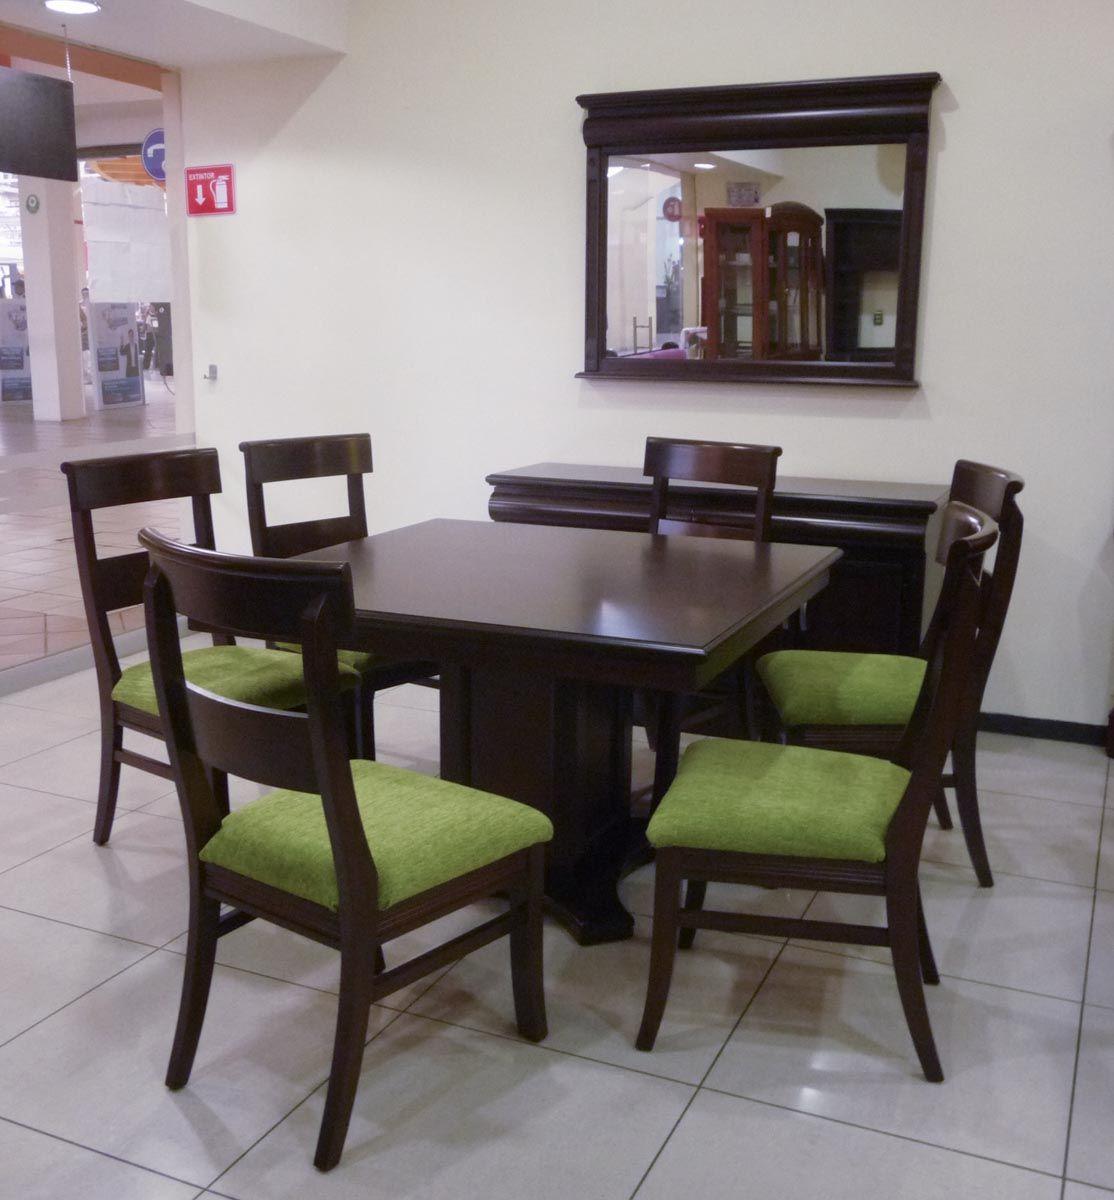 Comedor dubai cuadrado de mesa cuadrada dub i - Mesa de comedor cuadrada ...